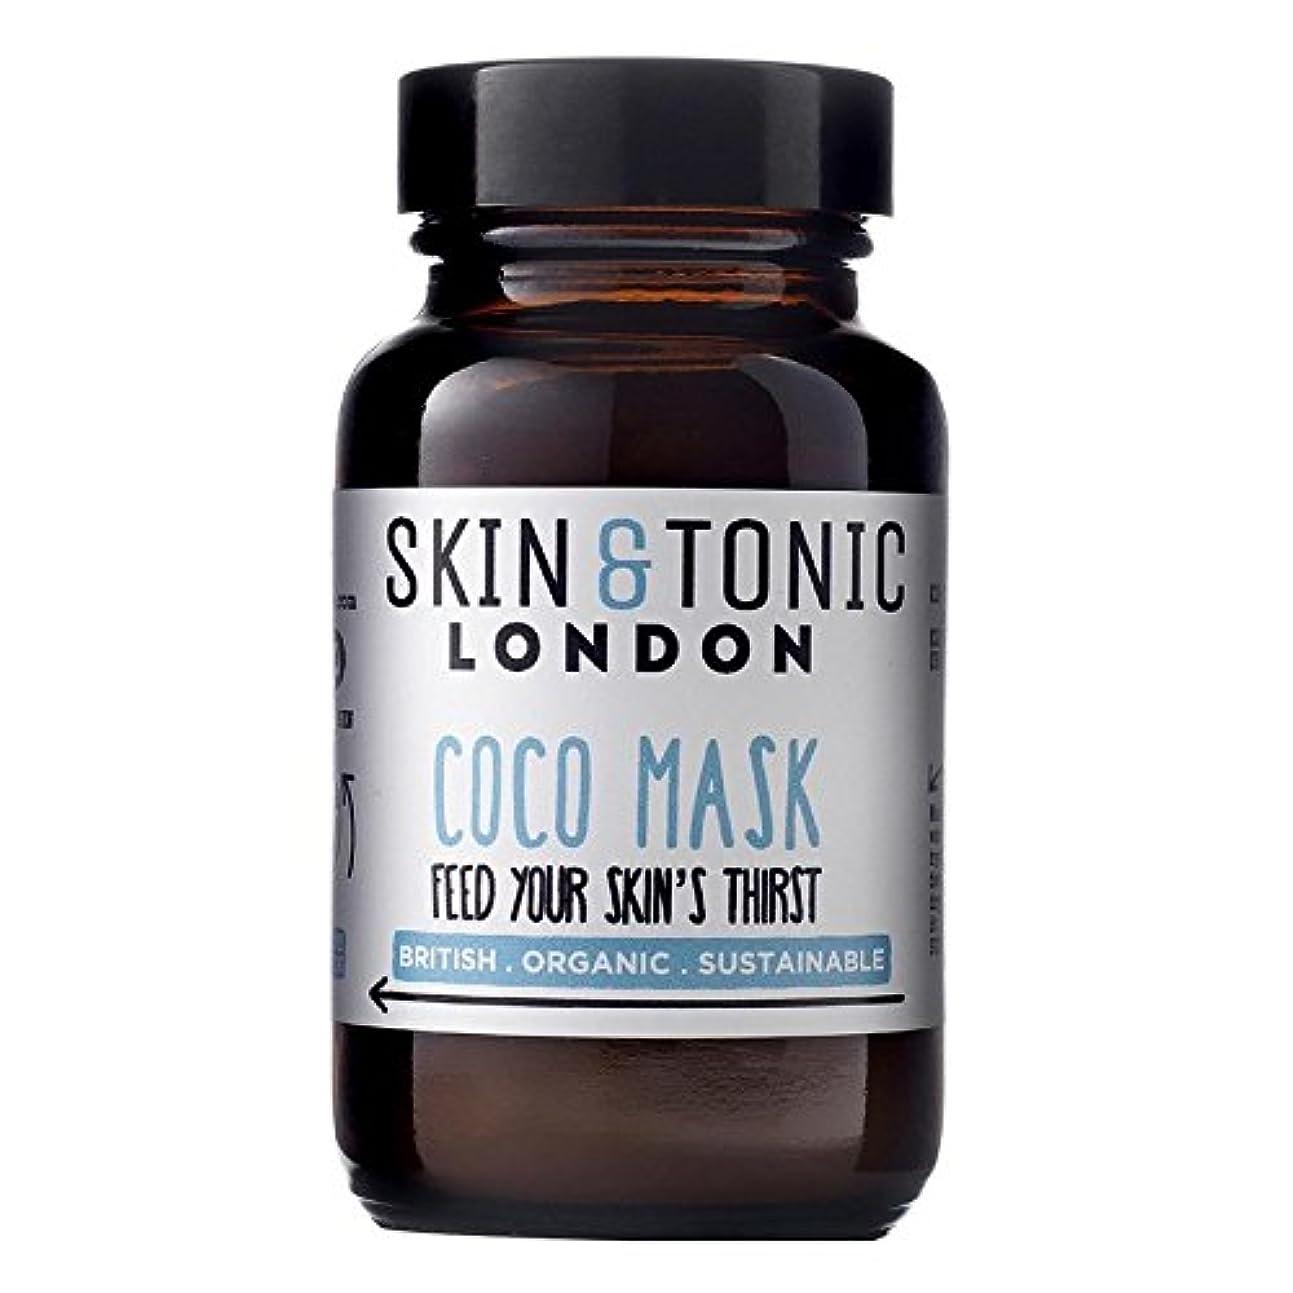 リビジョンいたずらなクレジットスキン&トニックロンドンココマスク50グラム x2 - Skin & Tonic London Coco Mask 50g (Pack of 2) [並行輸入品]